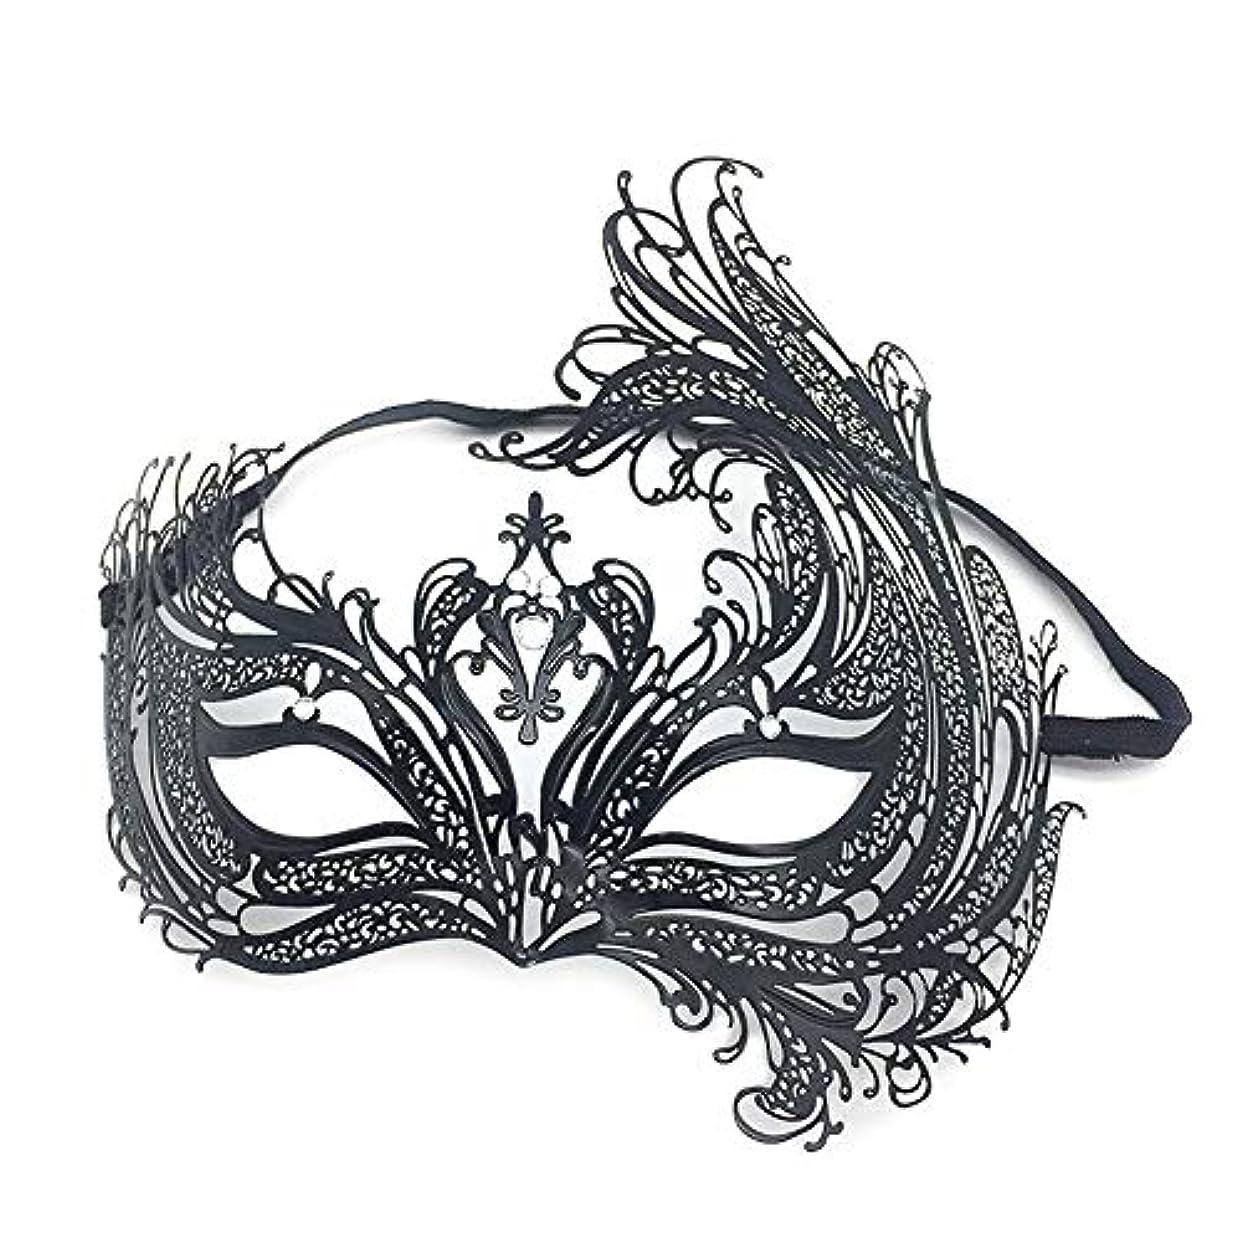 ぺディカブよろめく路面電車ダンスマスク 仮面舞踏会パーティーブラックセクシーハーフフェイスフェニックスハロウィーンロールプレイングメタルマスクガール ホリデーパーティー用品 (色 : ブラック, サイズ : 20x19cm)